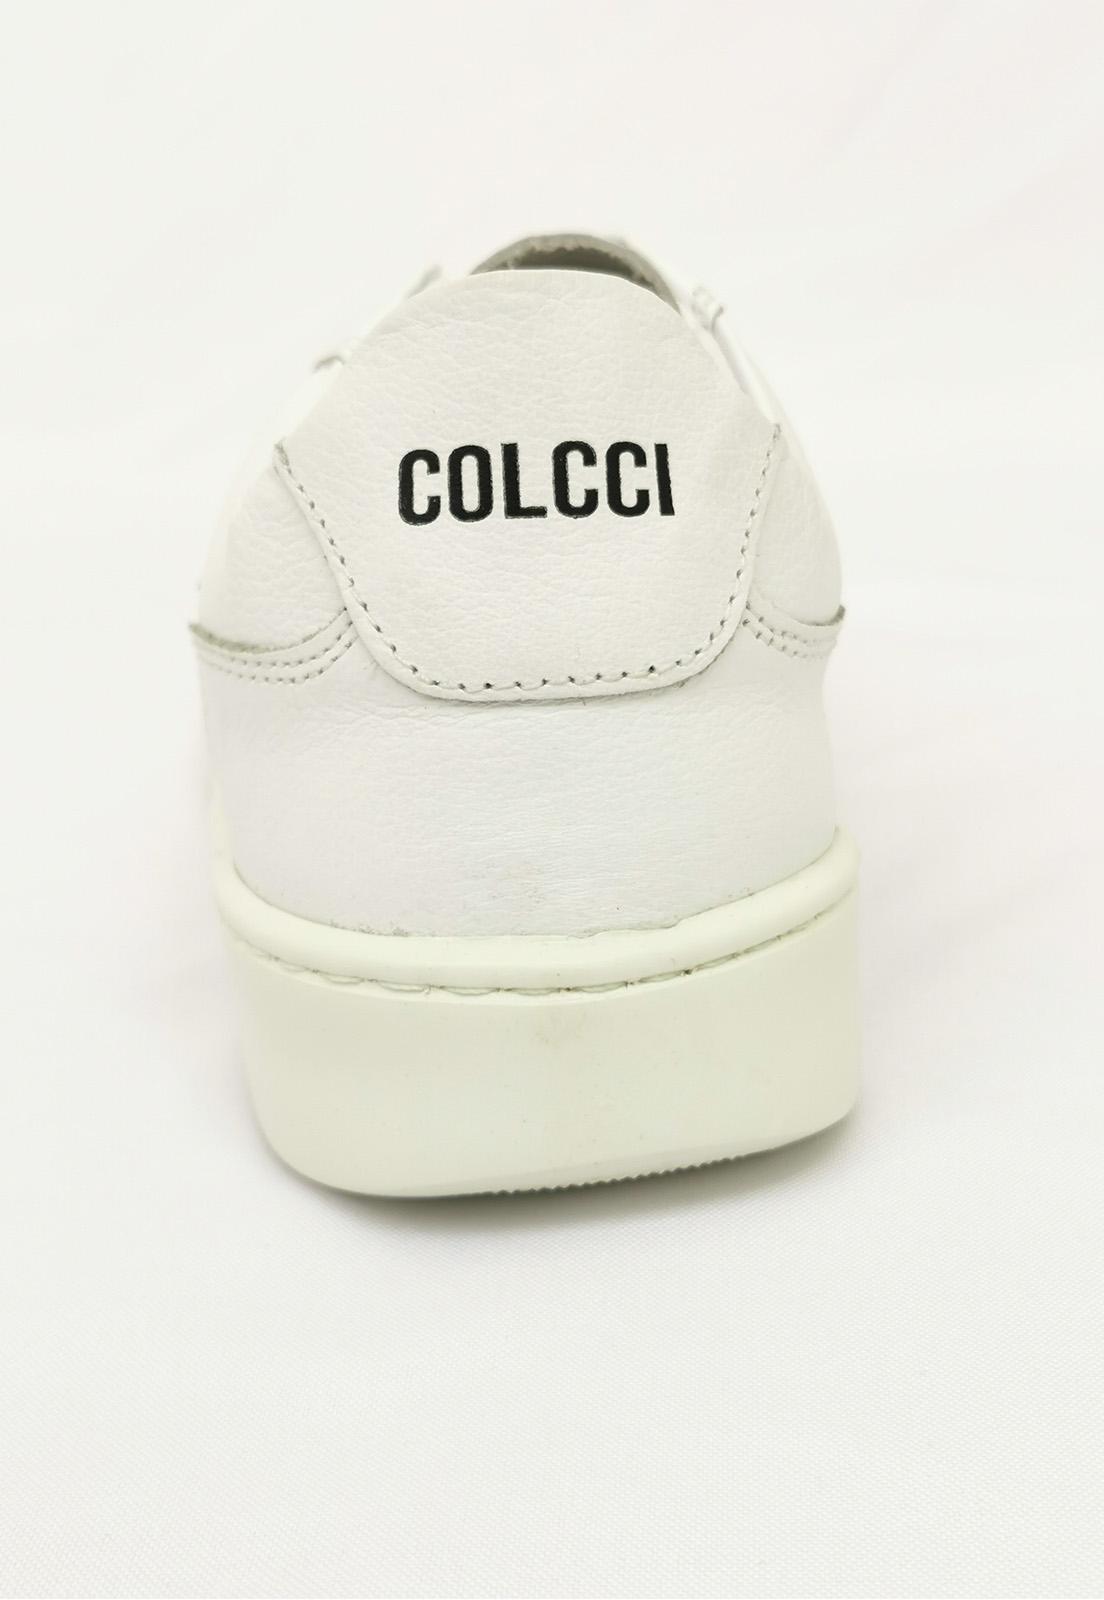 Tênis Colcci Branco Wins